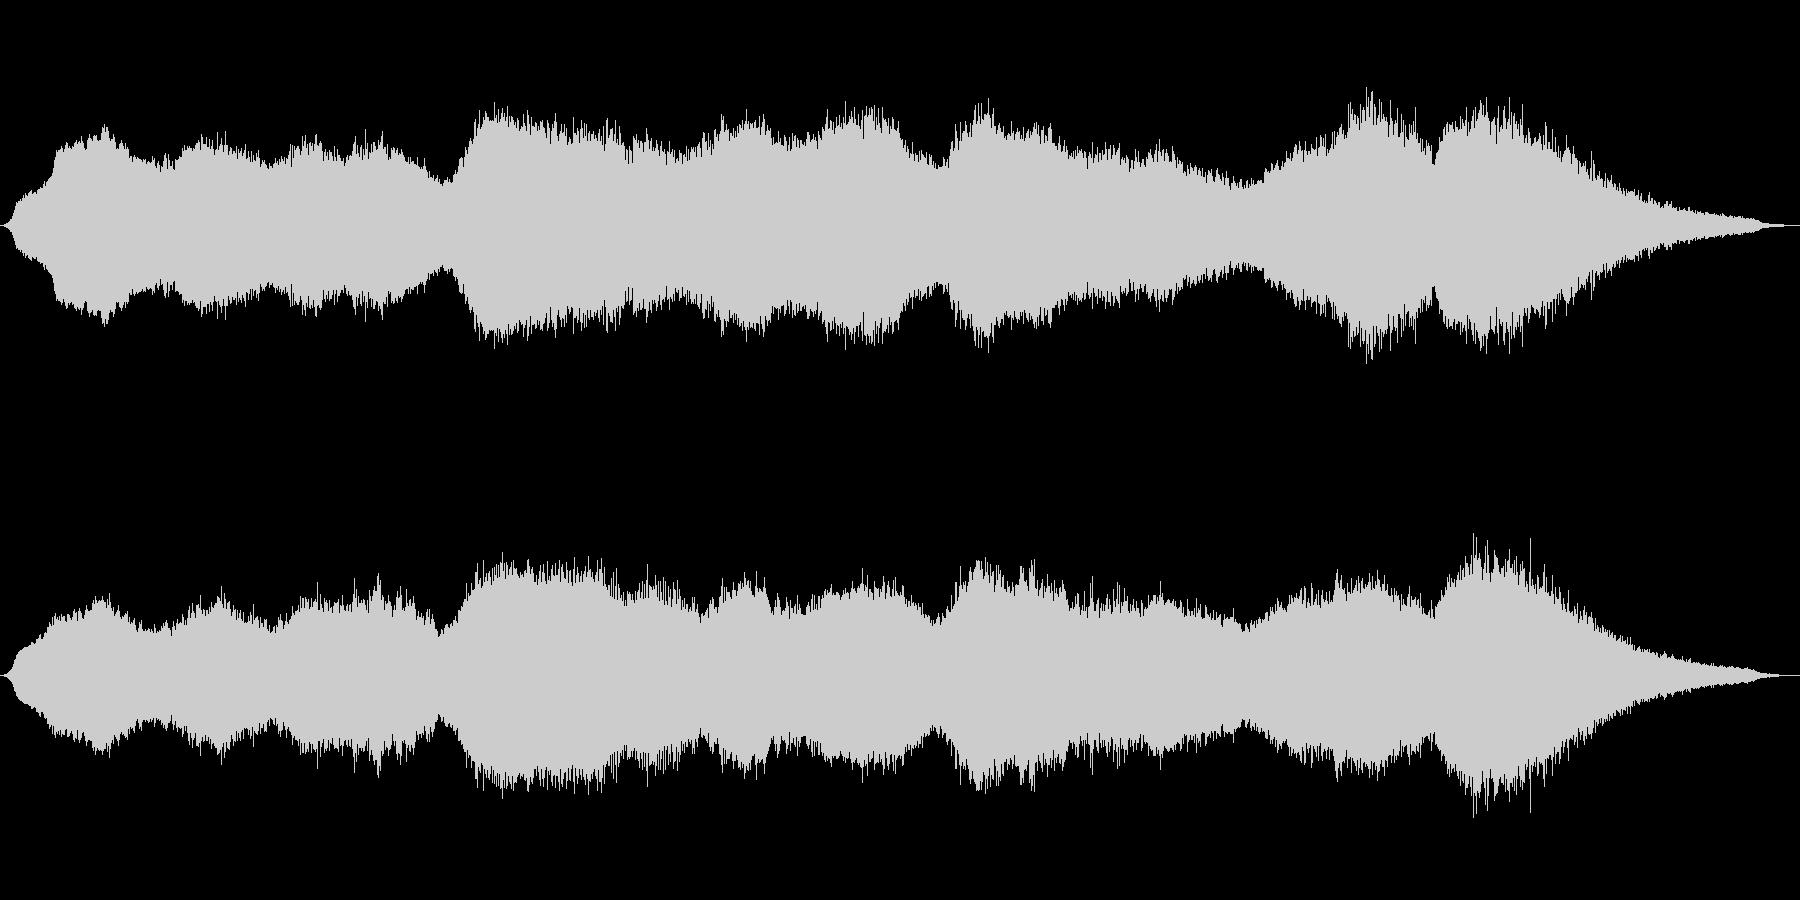 重厚かつ力強い音色の神秘的電子音楽の未再生の波形